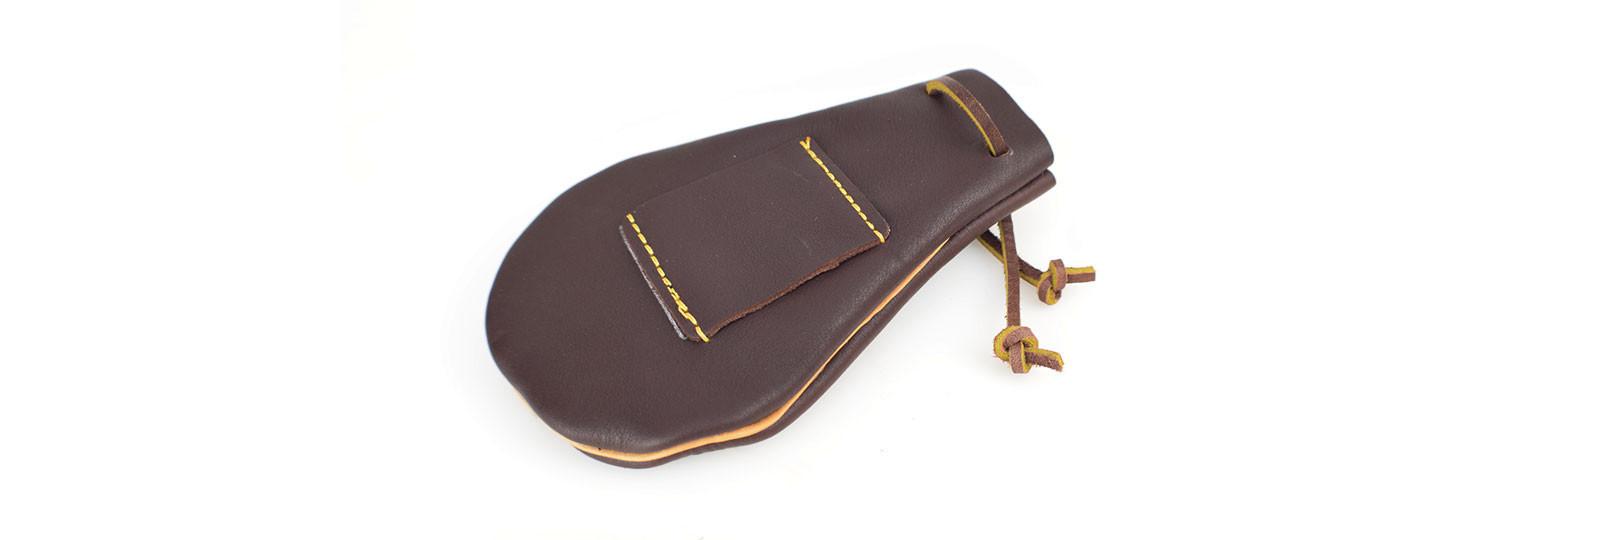 Leather bullet bag